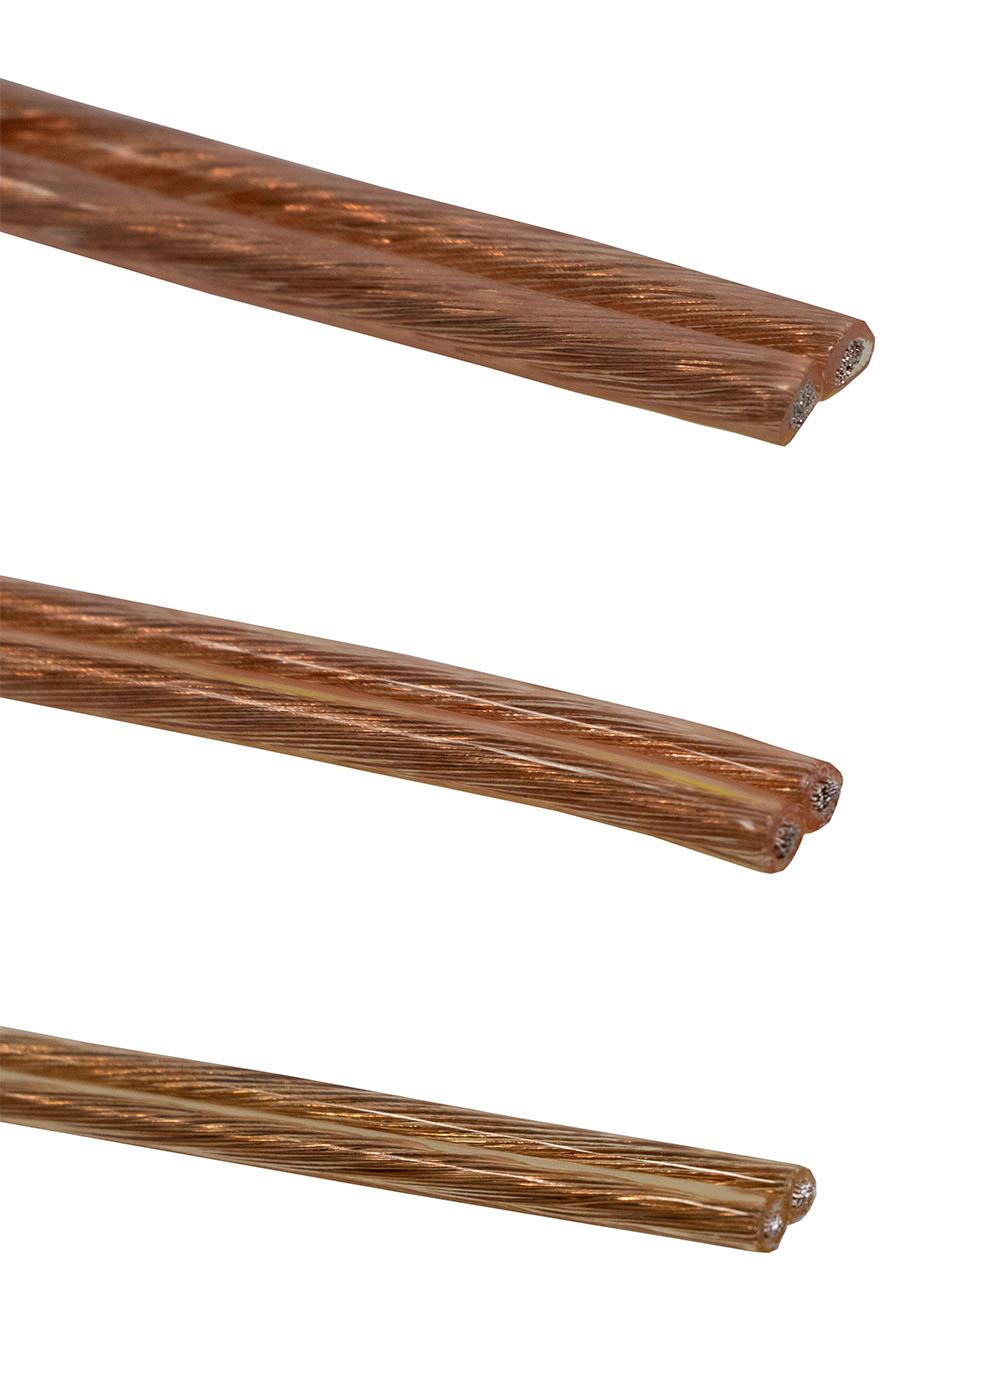 画像: 上から「ME-S12」(導線の直径約2.05mm)、「ME-S14」(同約1.63mm)、「ME-S16」(同約1.29mm)